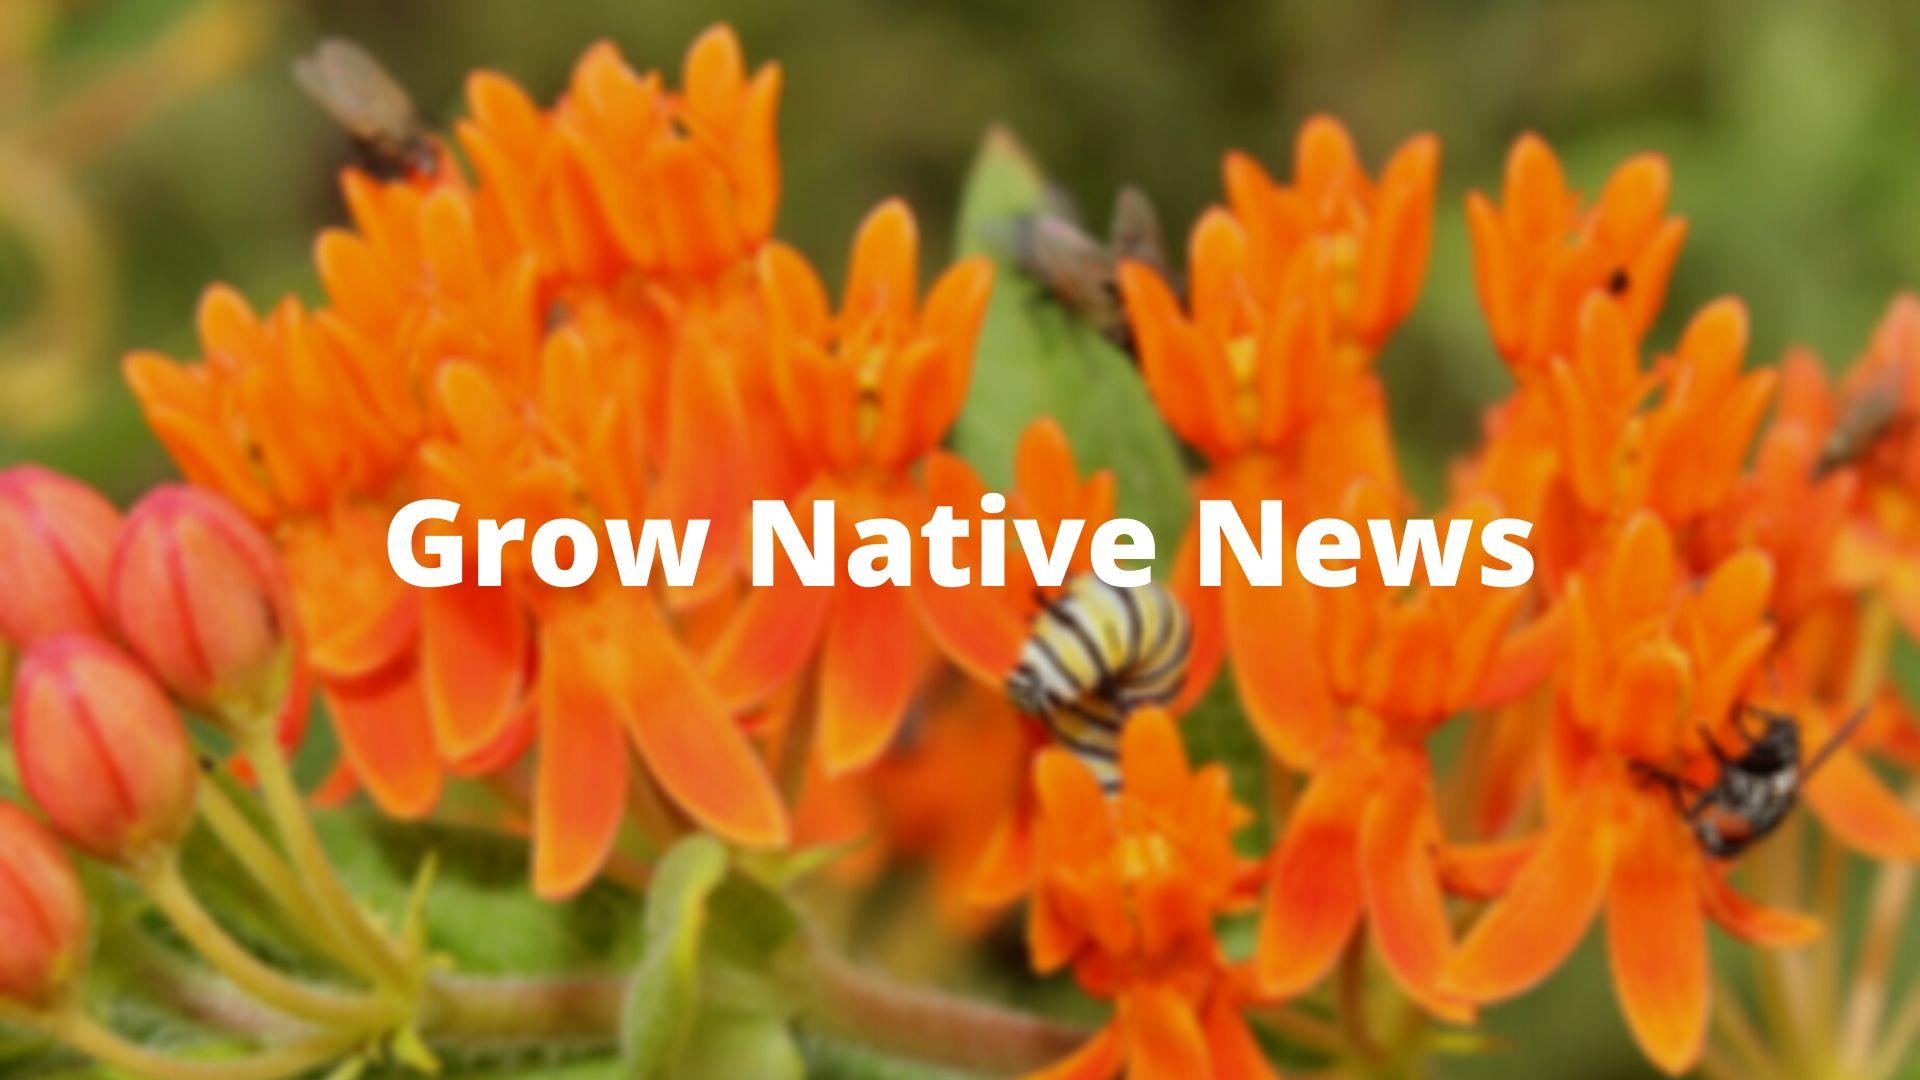 GN News